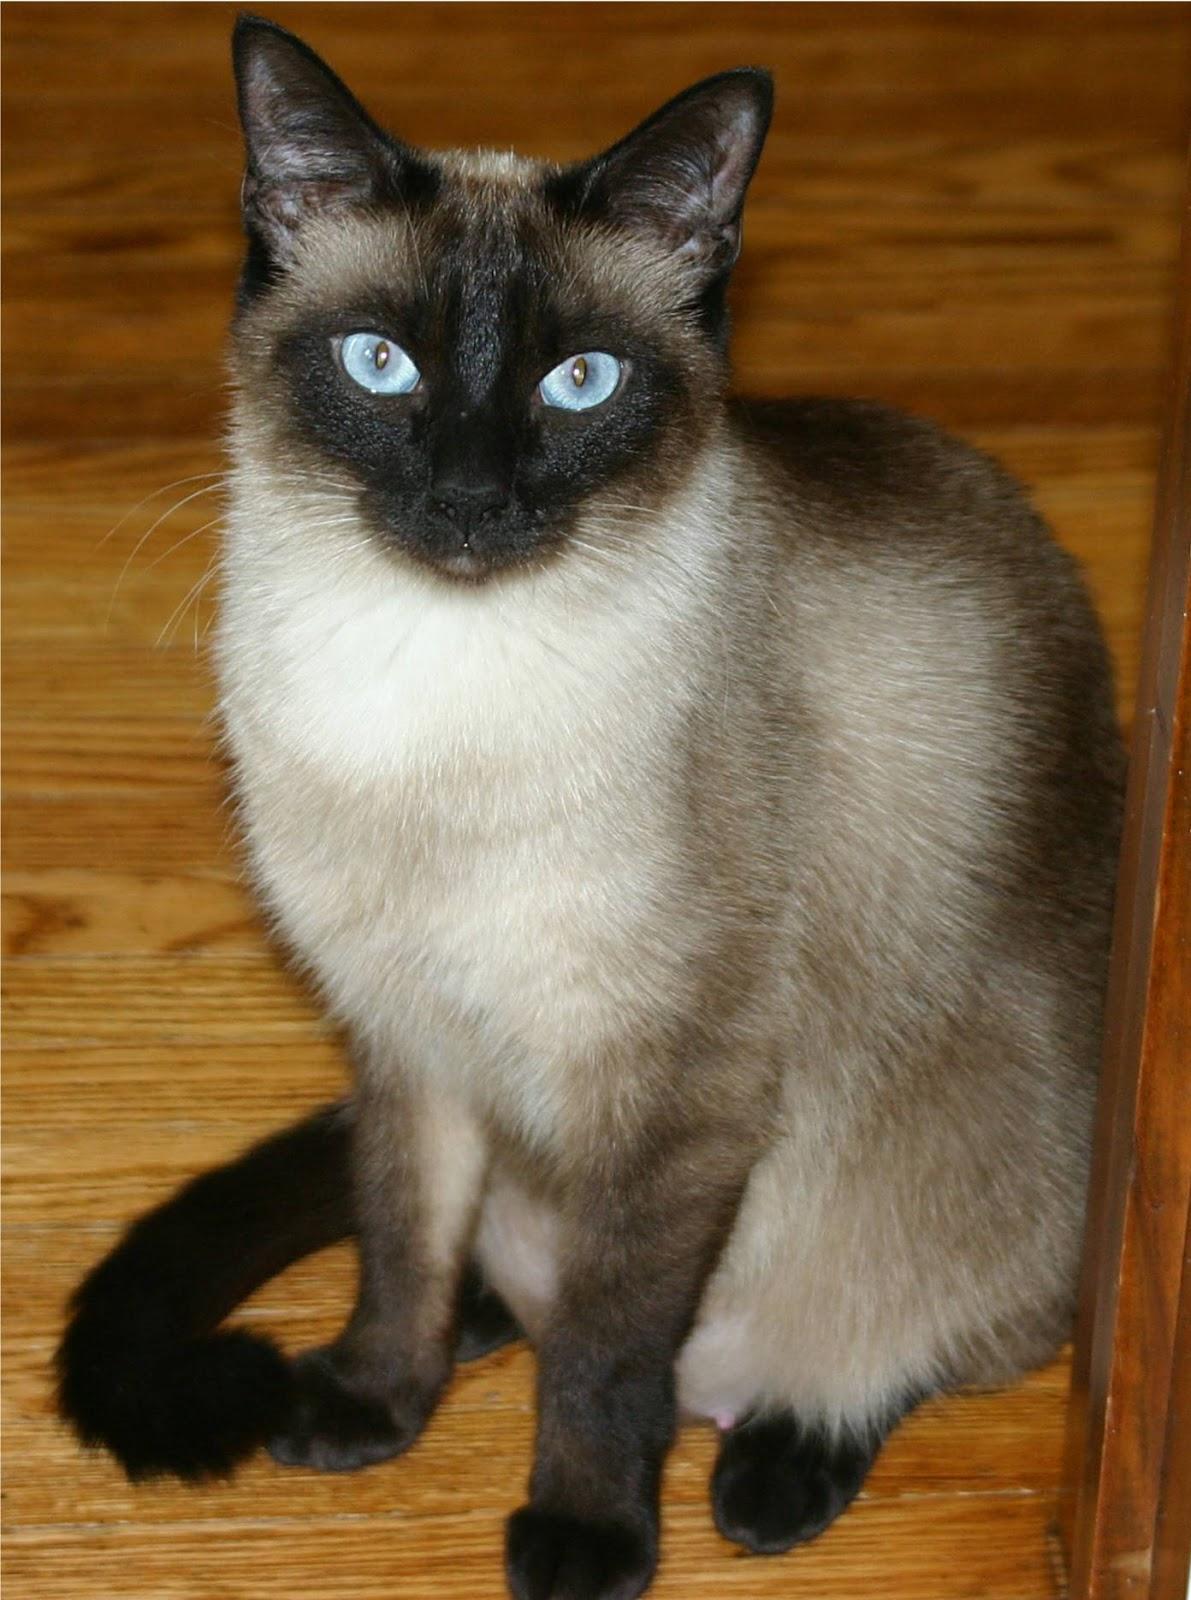 jenis kucing siam kucing siam kucing siam meskipun keturunan populerKucing Siam